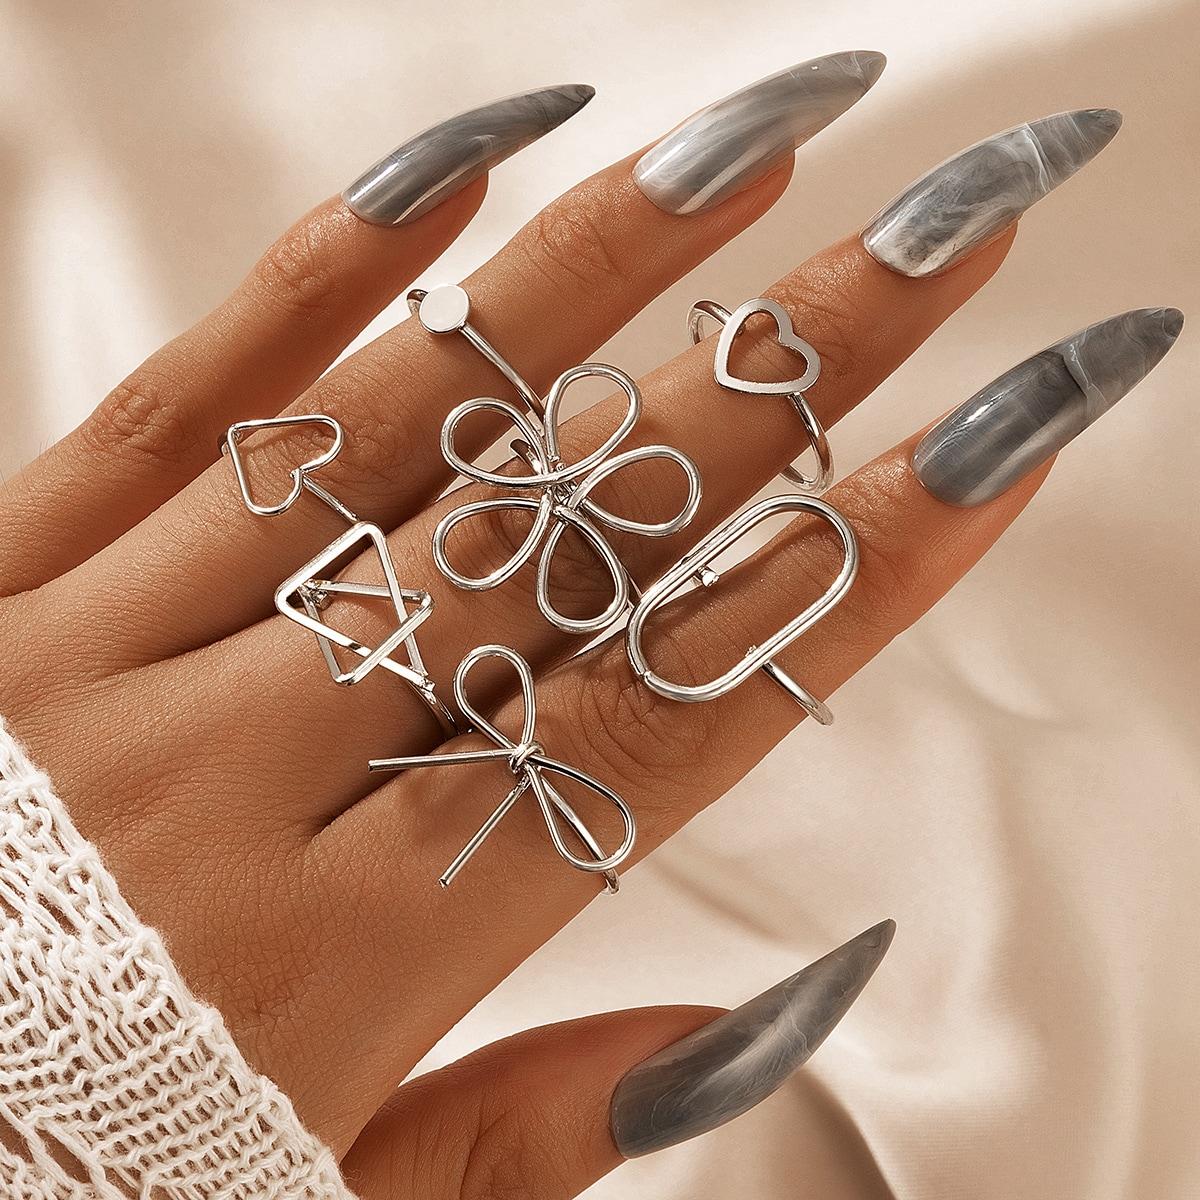 7pcs Heart & Bow Decor Ring